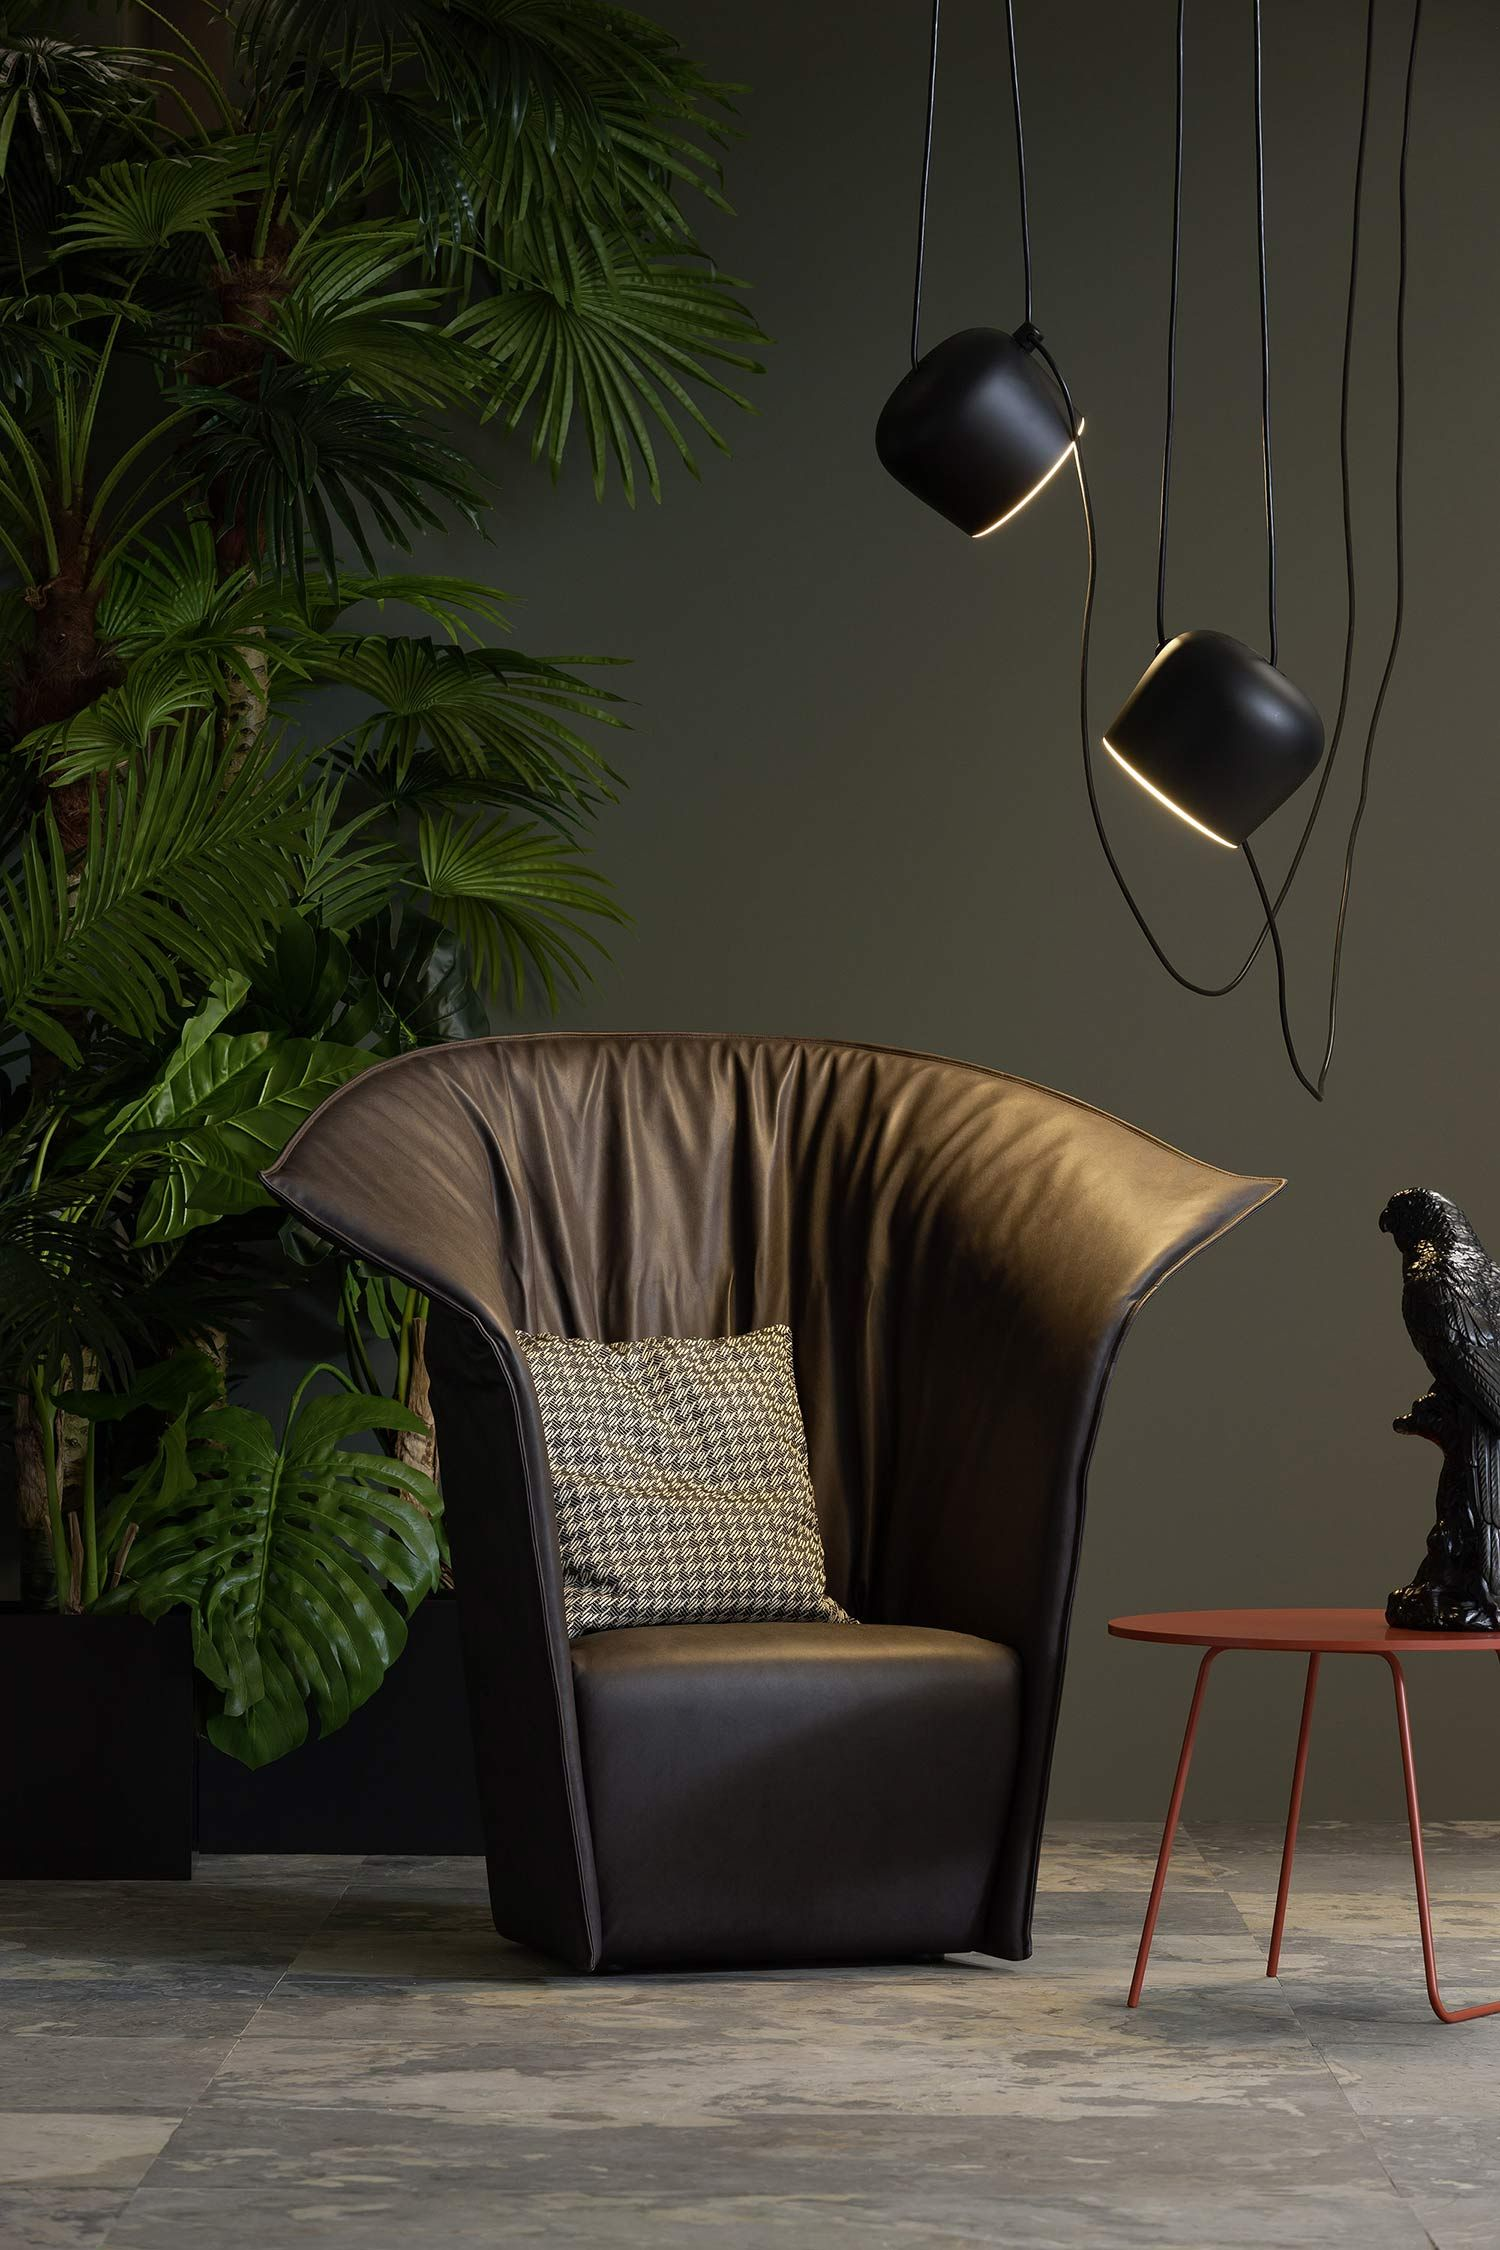 Gut Trendpflanze Philodendron   Die Schönste Pflanze Für Ein Tolles Raumklima  Und Eine Wunderschöne Wohnzimmergestaltung.